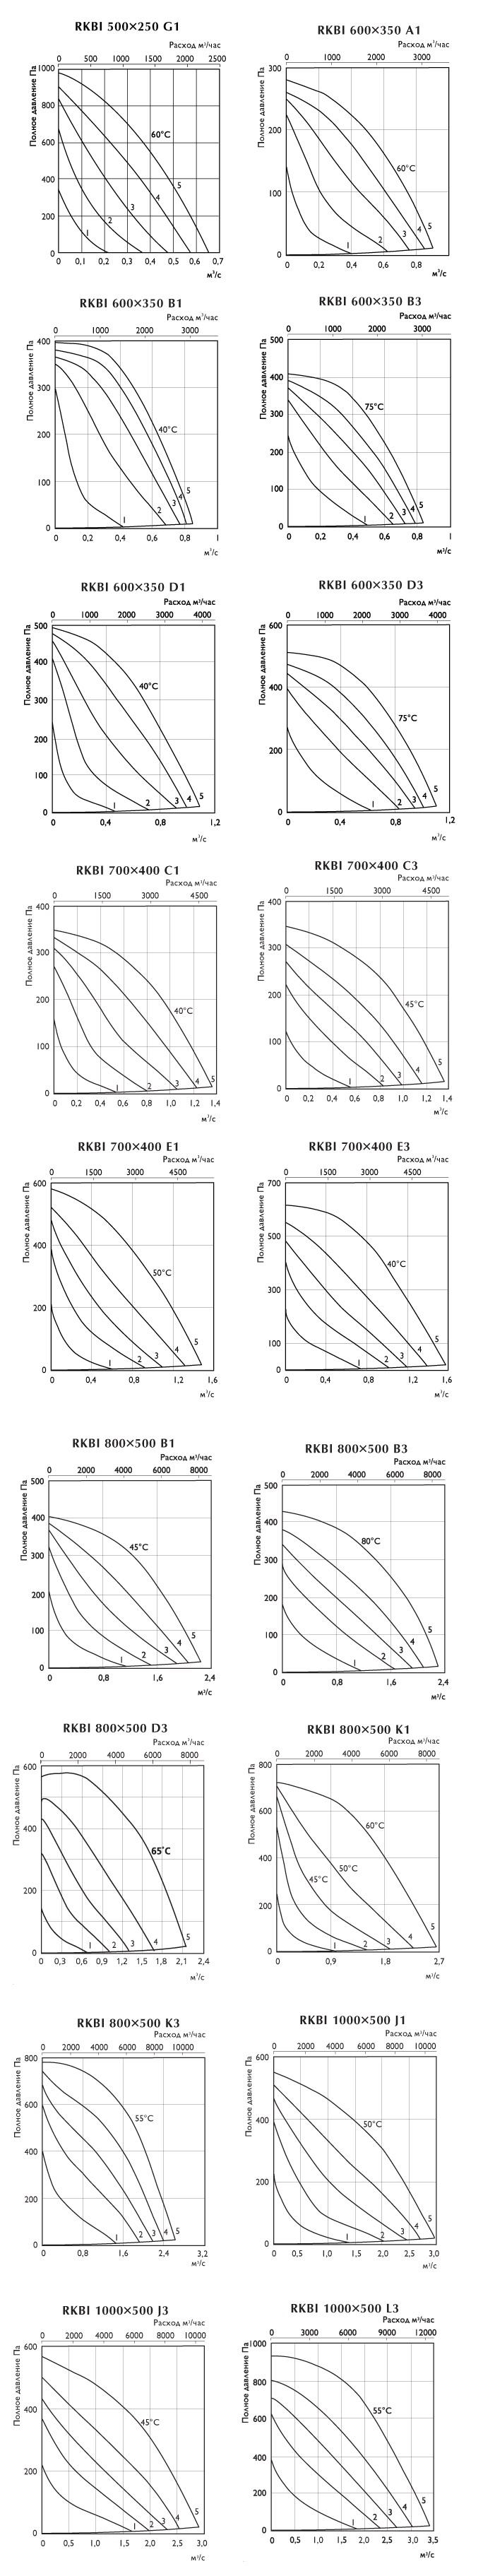 аэродинамичческие характеристики rkbi